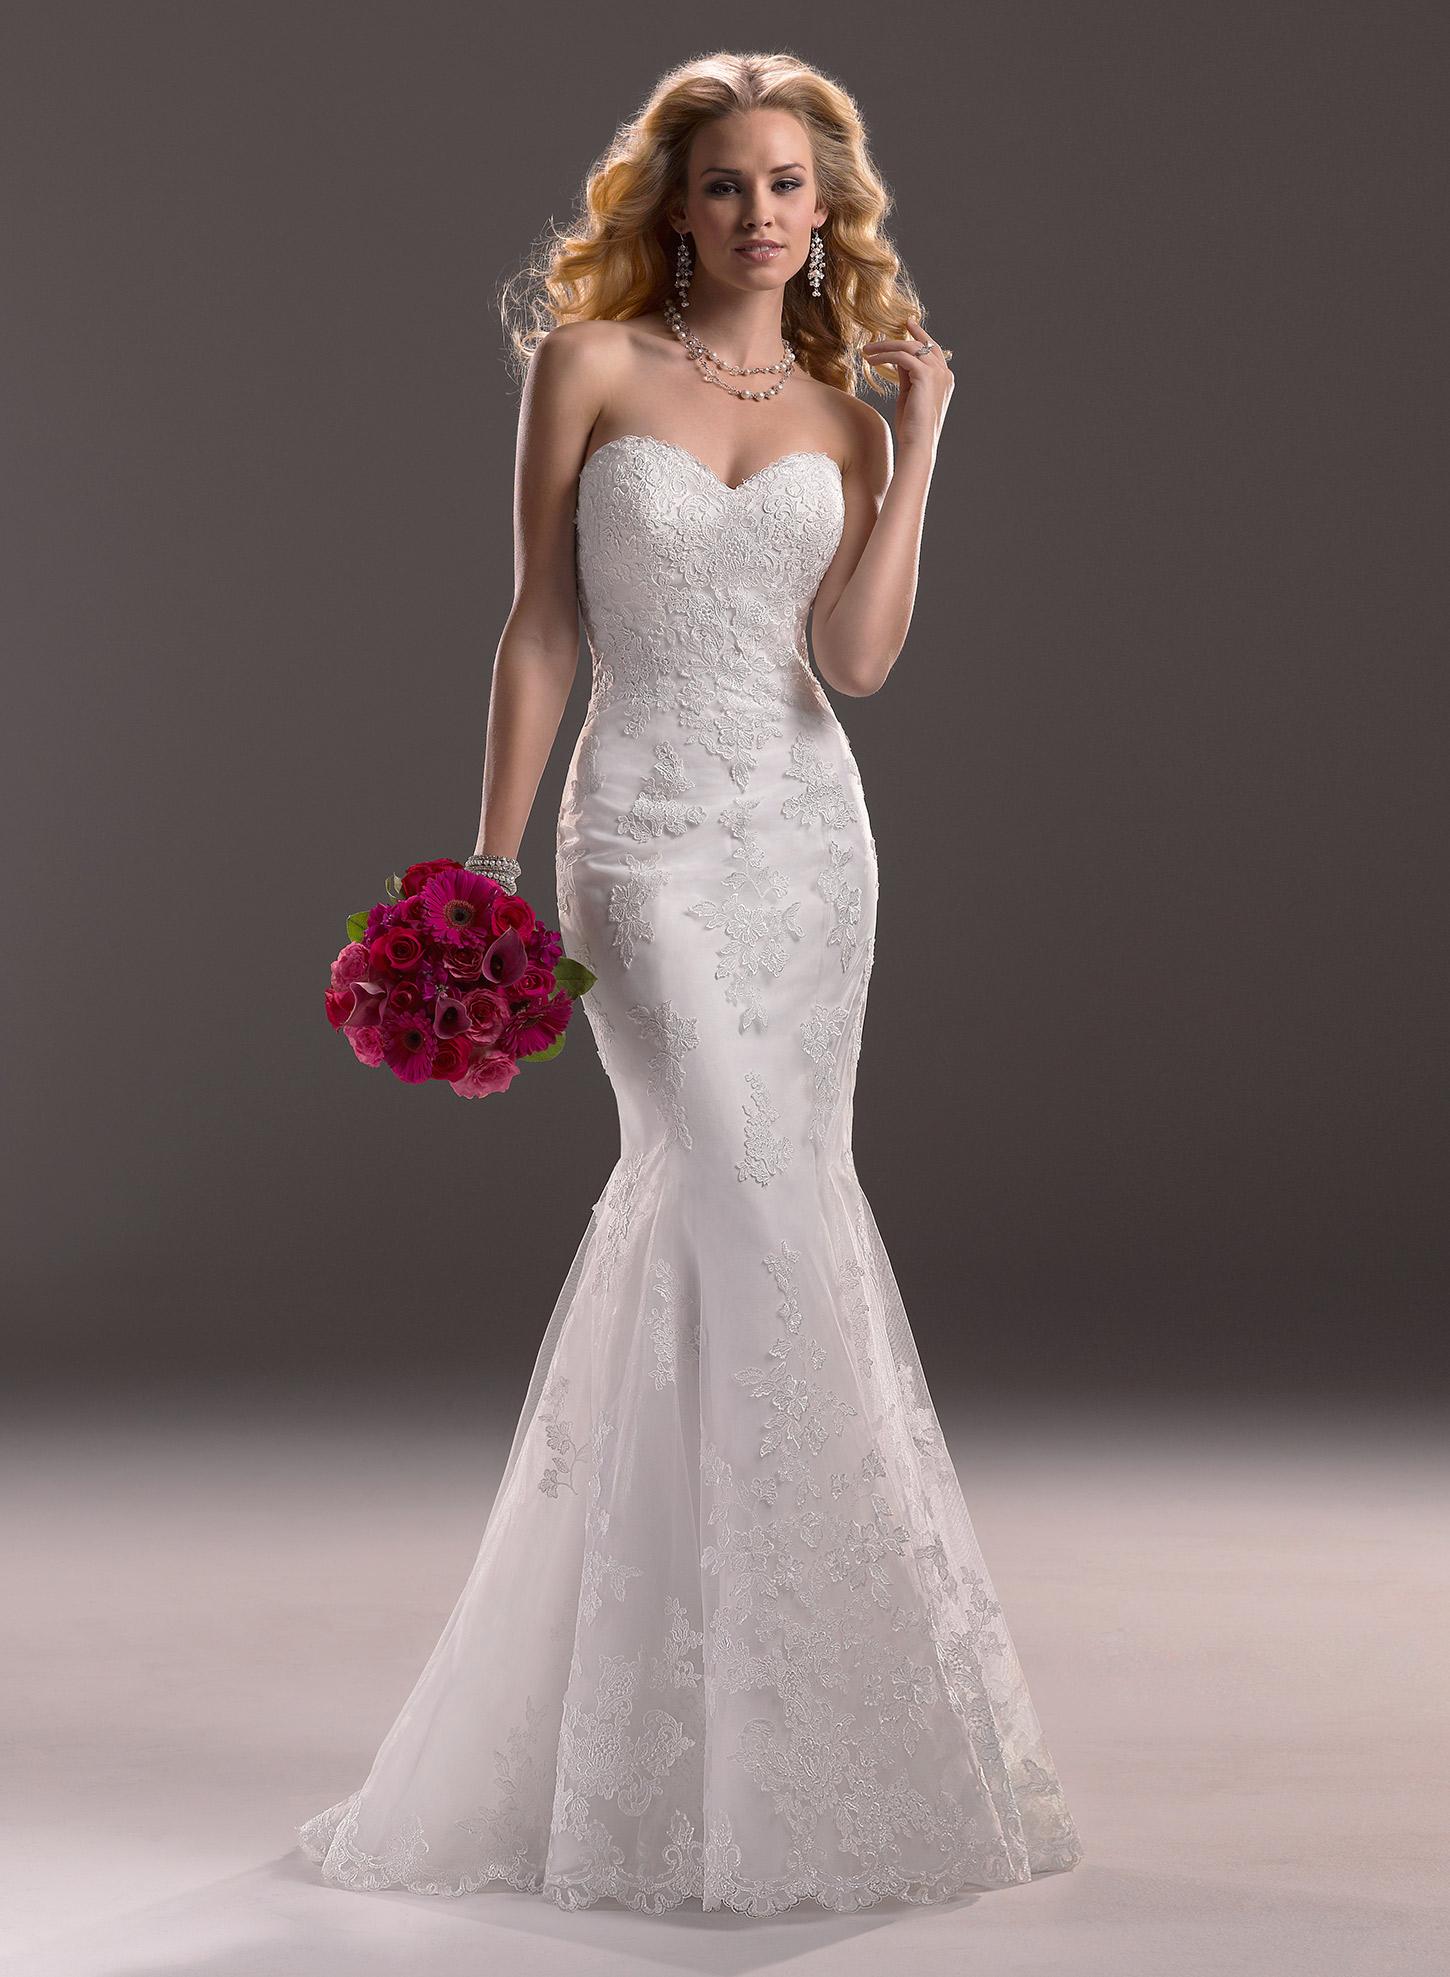 Vestido de Noiva com cauda destacável